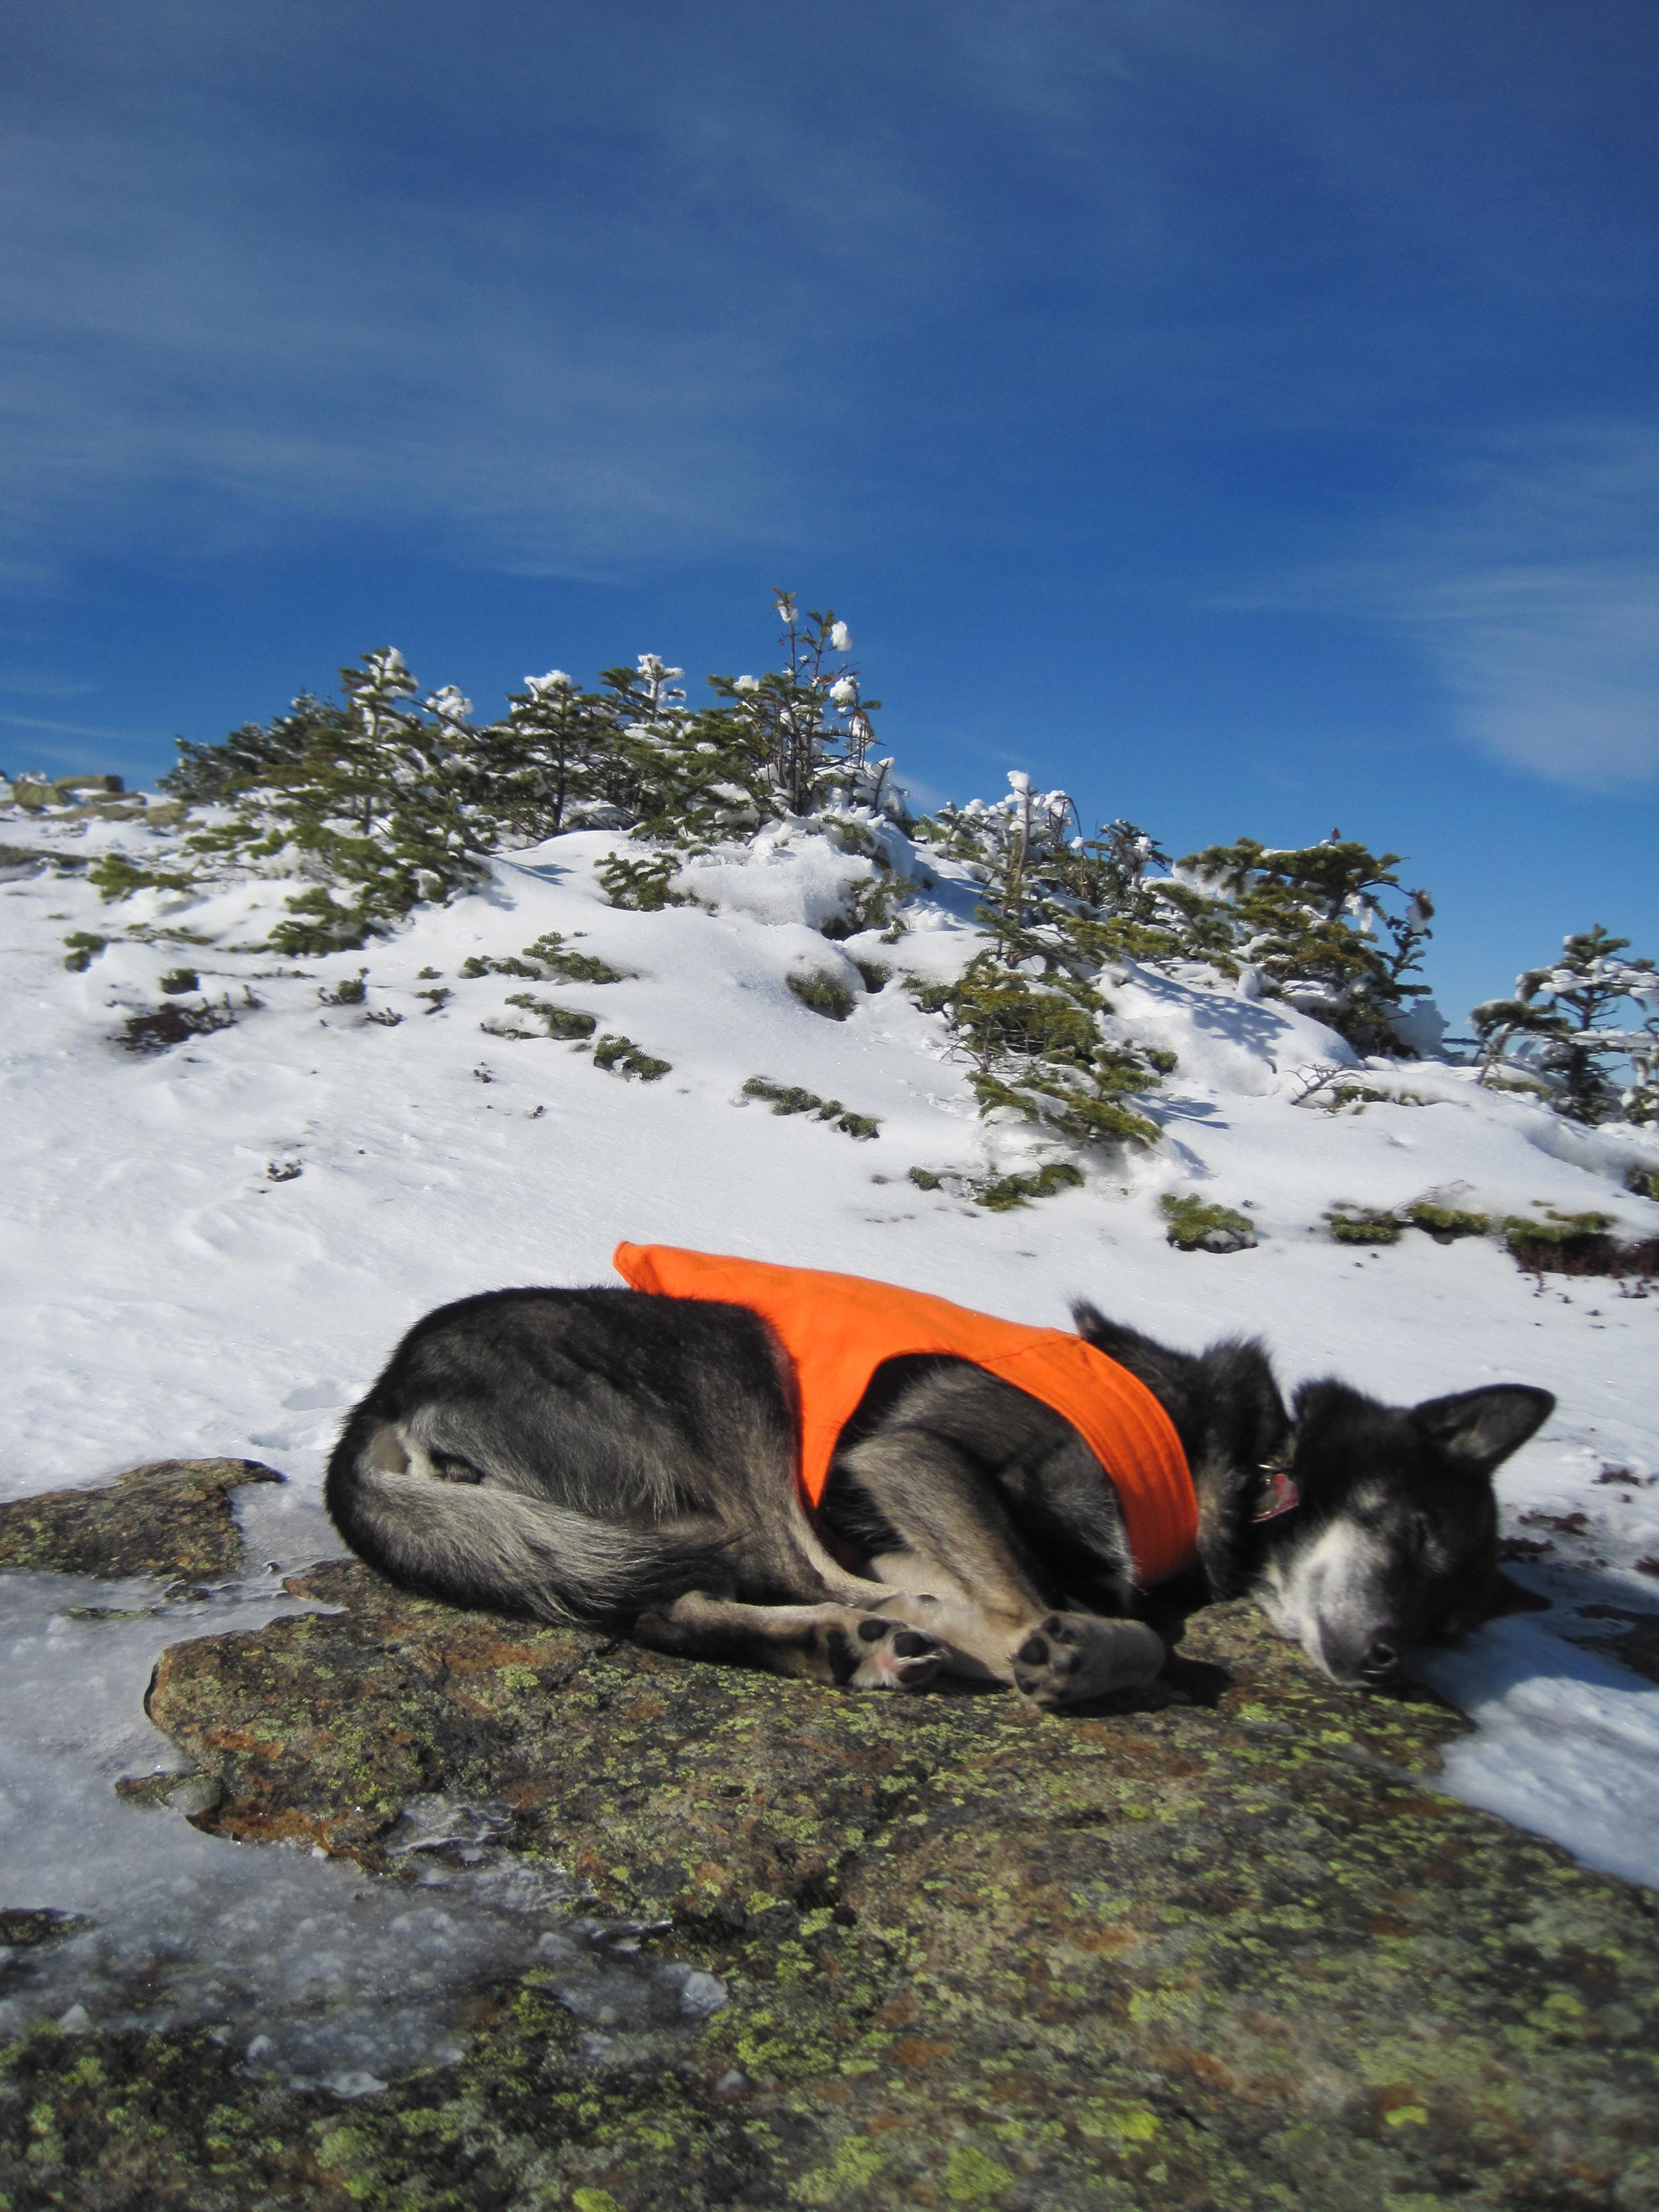 On the slopes of Mt Bond, November 2010